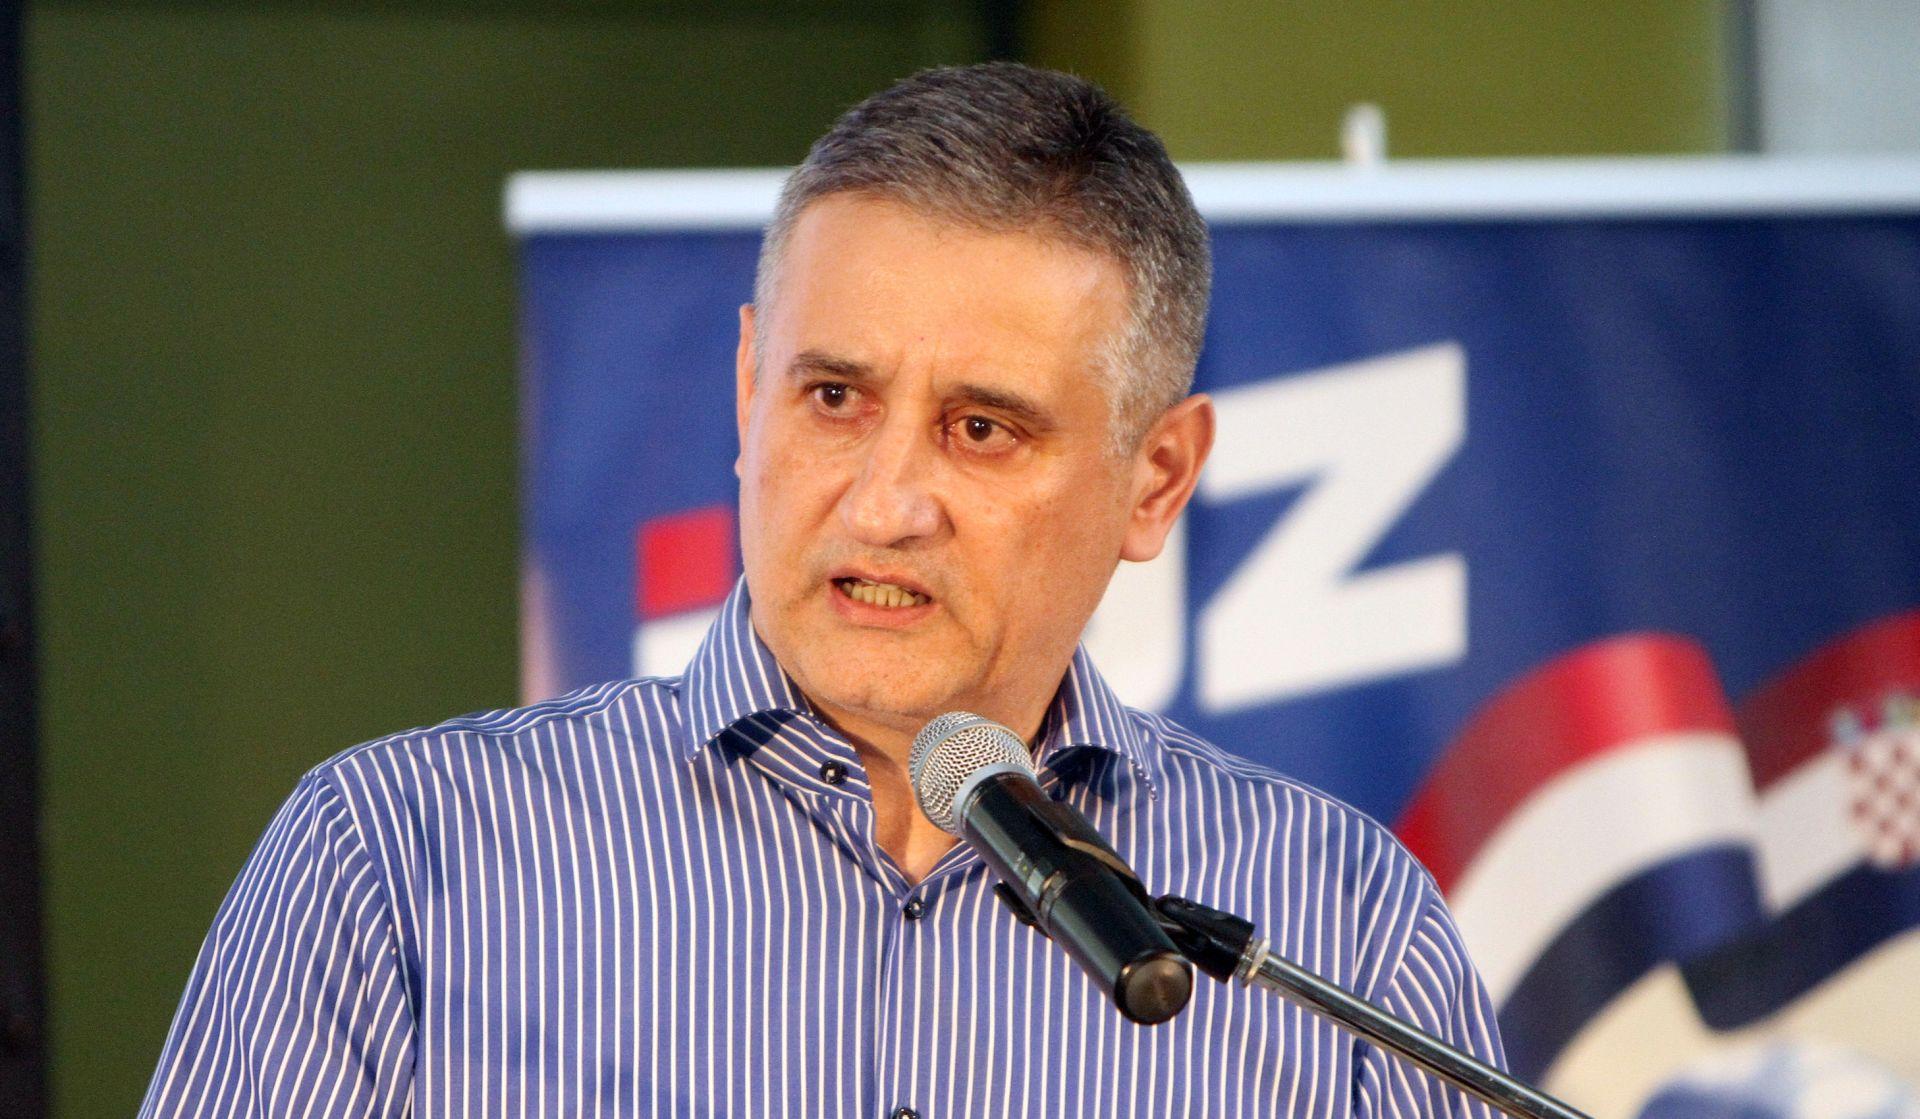 KARAMARKO SE NE BRINE: SDP-ova koalicija nije nam prijetnja